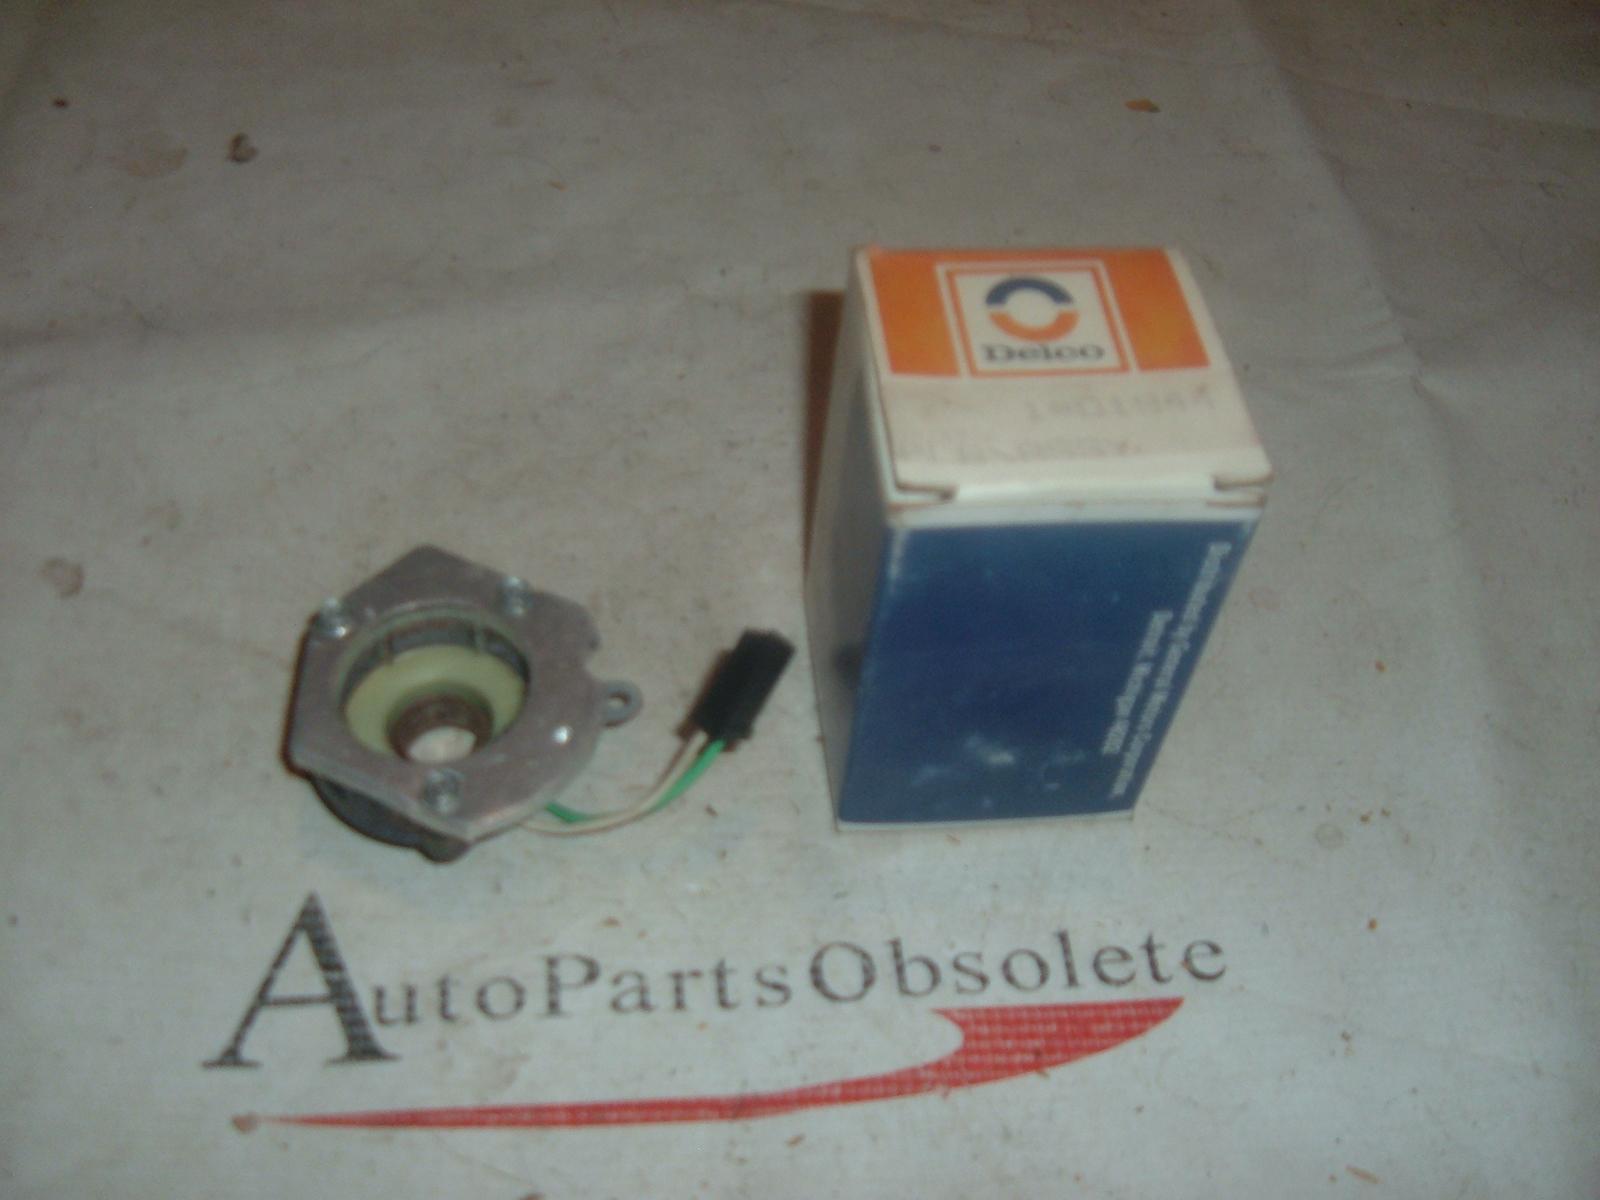 View Product1980 81 82 83 84 85 86 87 88 chevrolet pontiac oldsmobile pickup coil 1975926 (z 1975926)